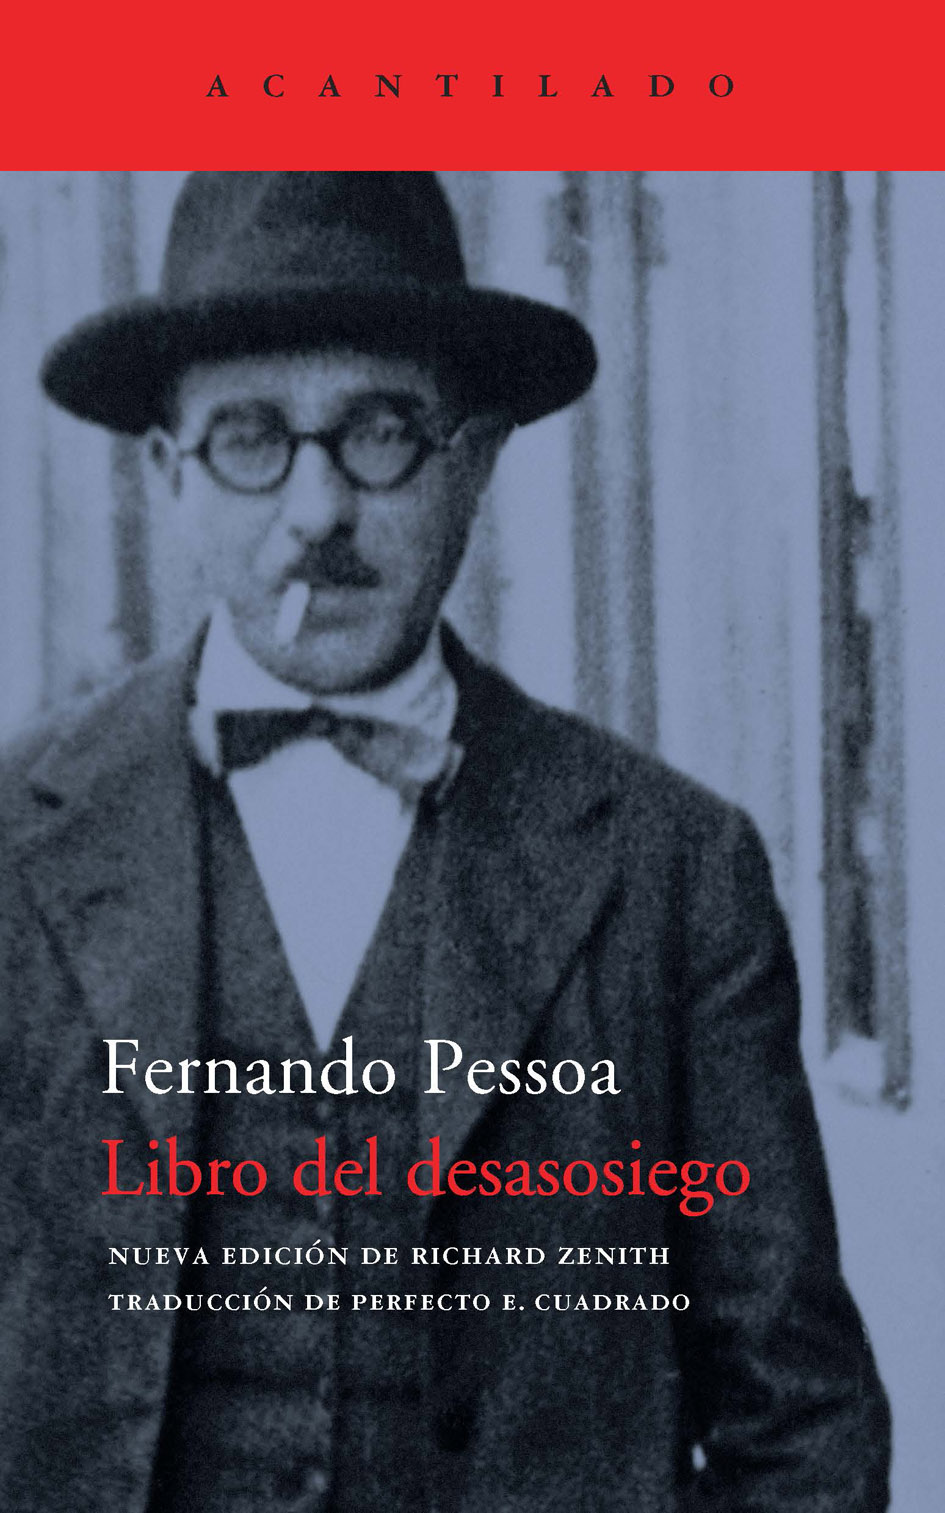 Libro del desasosiego   Editorial Acantilado